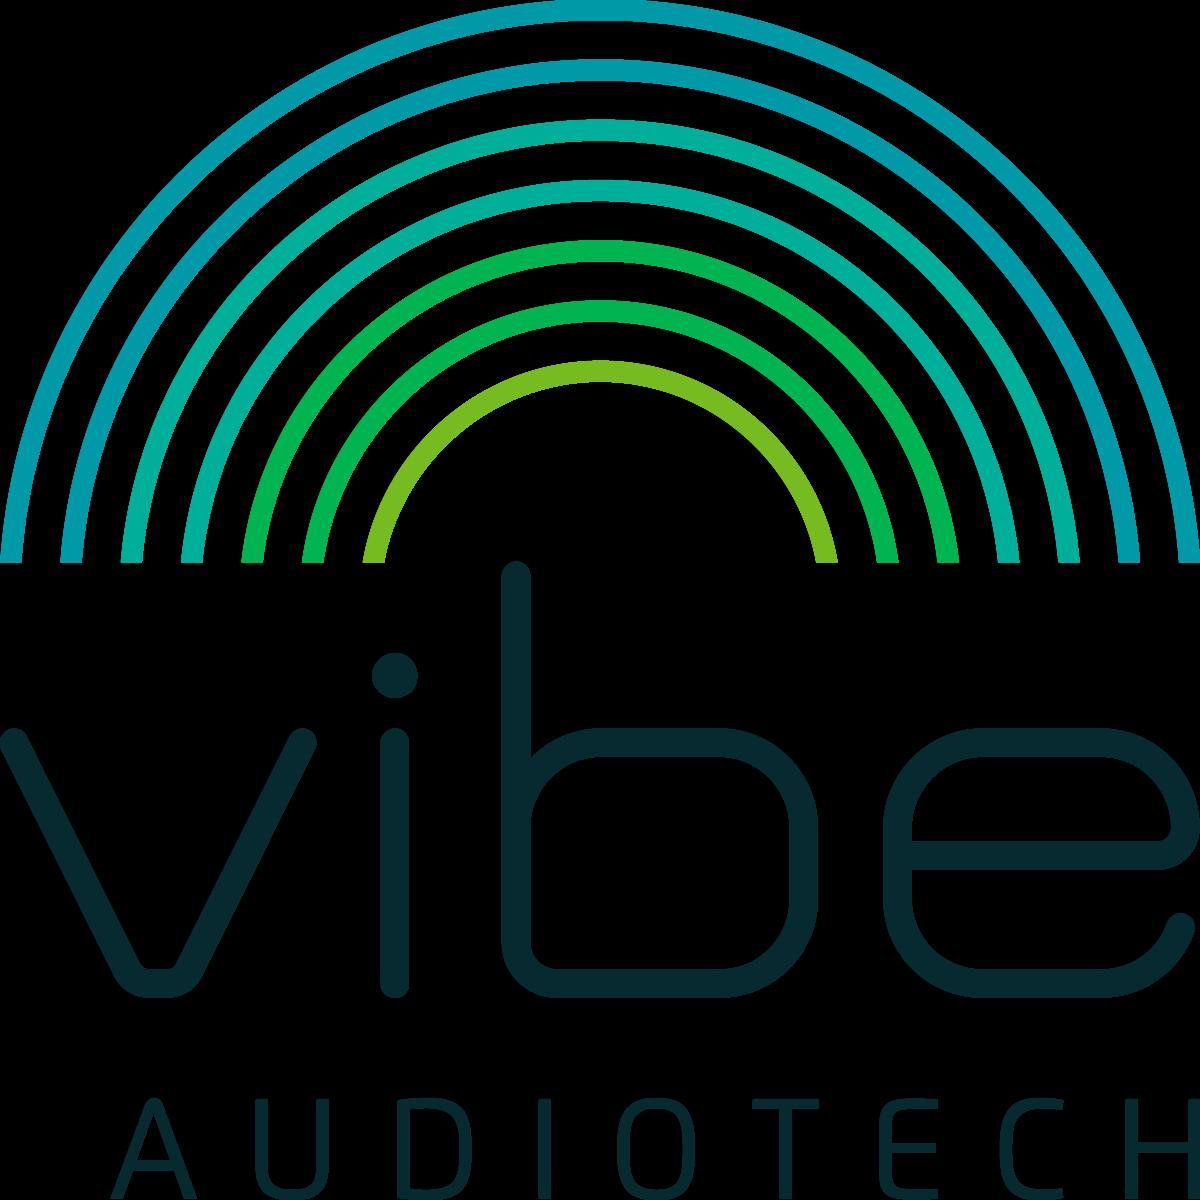 Vibe Autio Tech